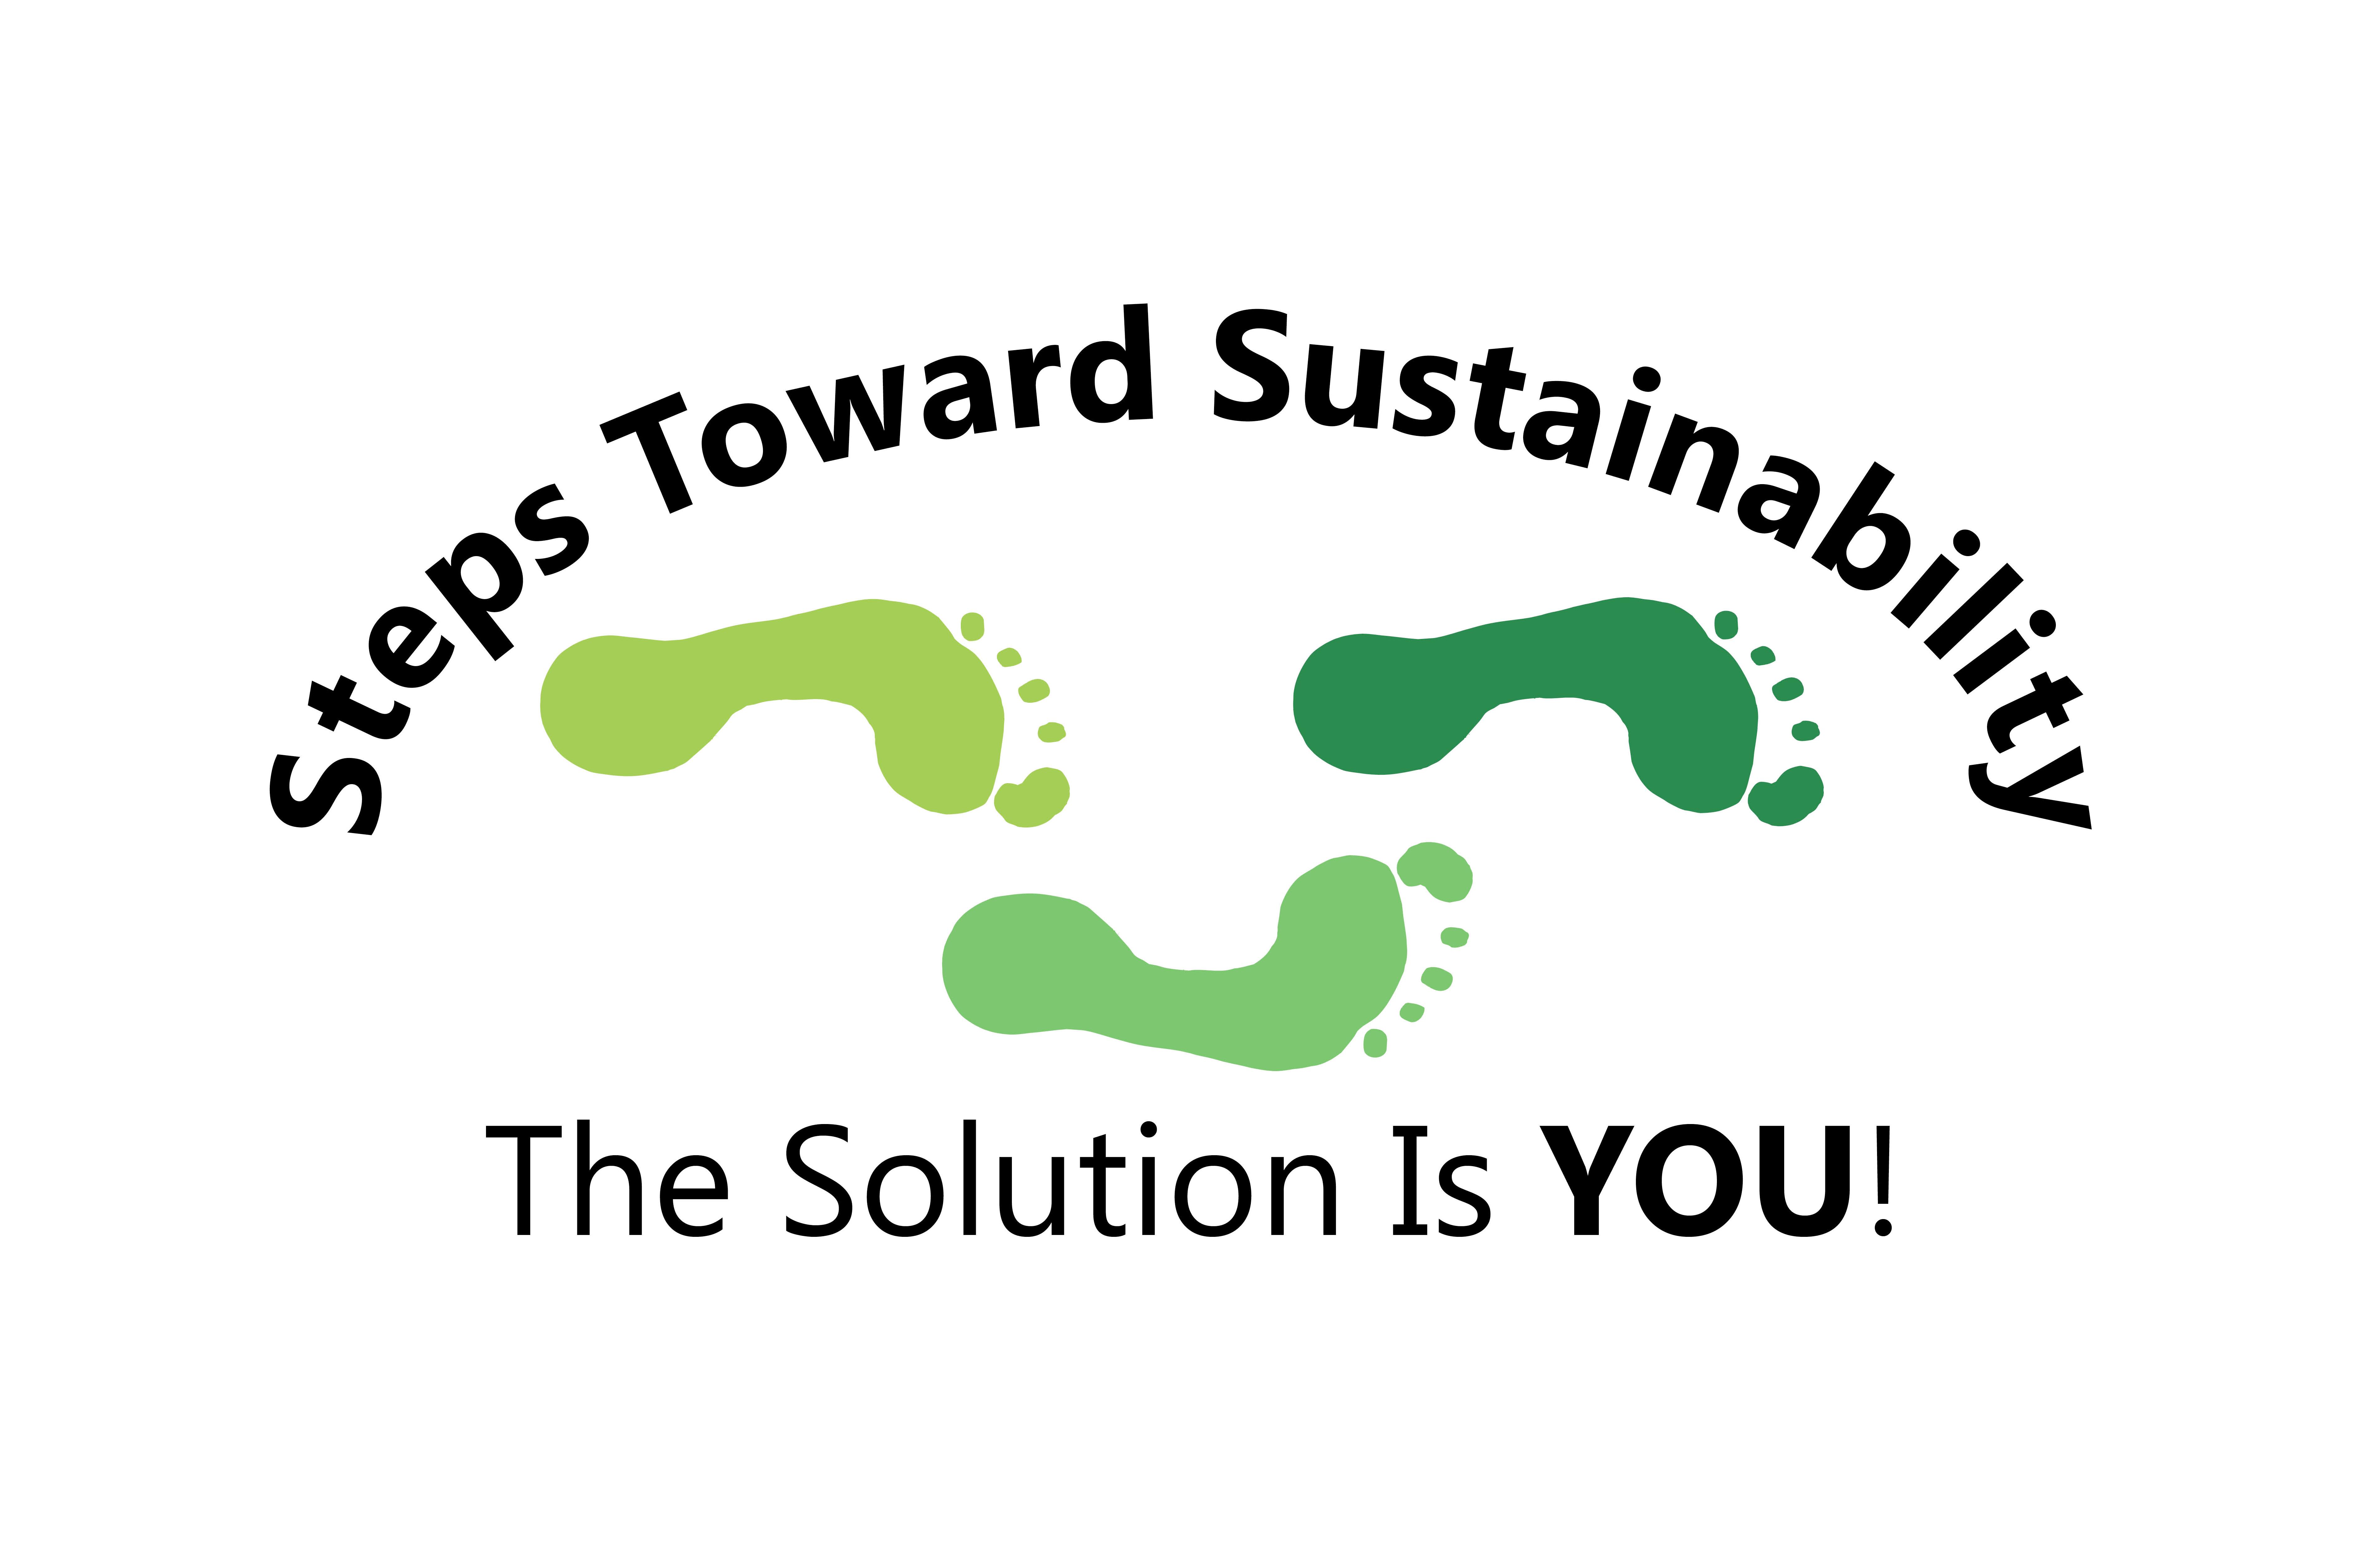 Back to Basics 2013: Steps Toward Sustainability